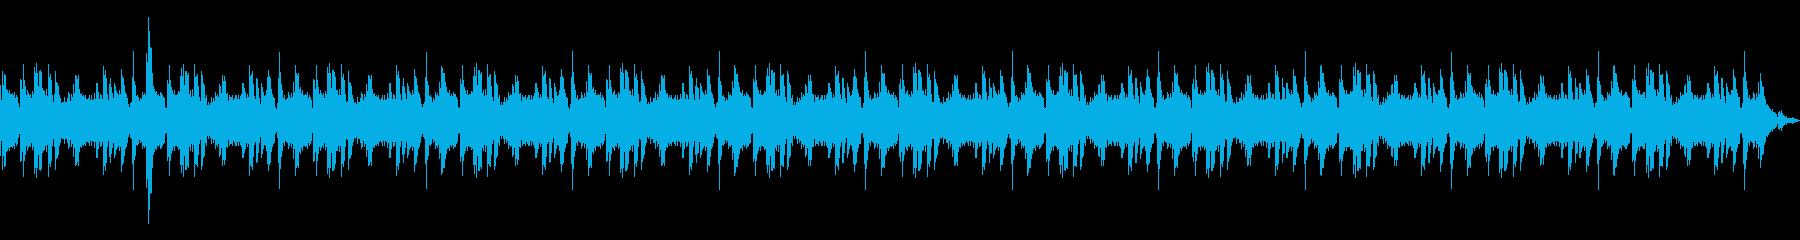 企業VP ブランディング動画 美しく彩るの再生済みの波形